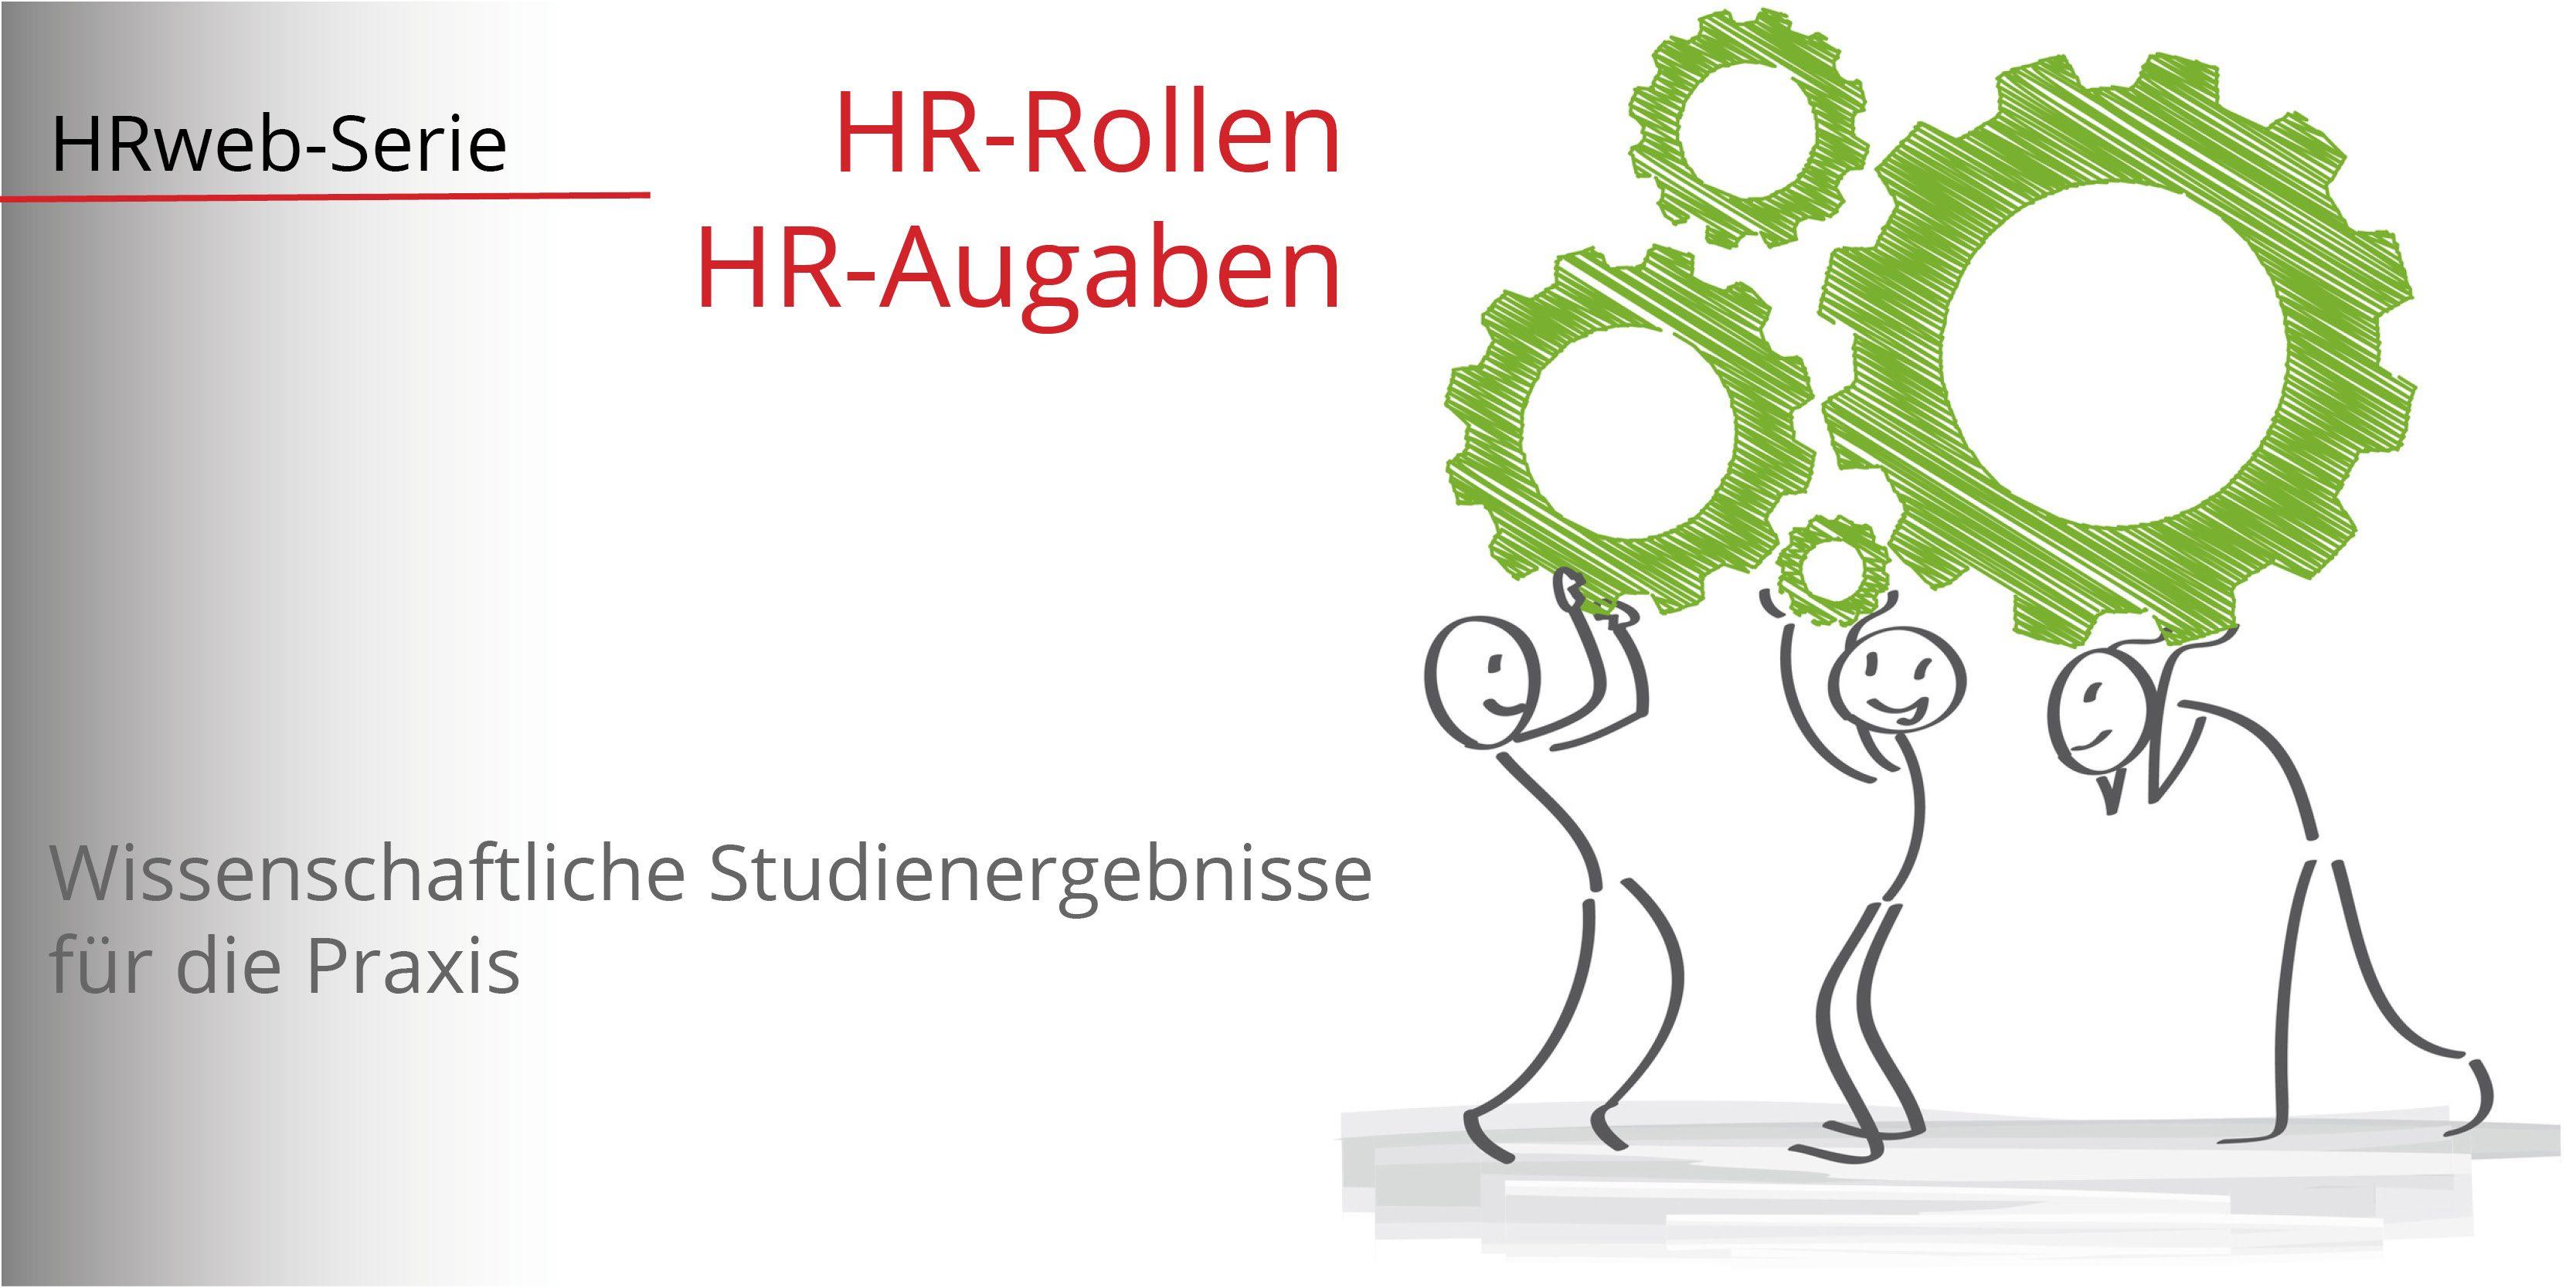 Studie: HR-Rollen in D-A-CH | HR als Alleskönner!? - HRweb